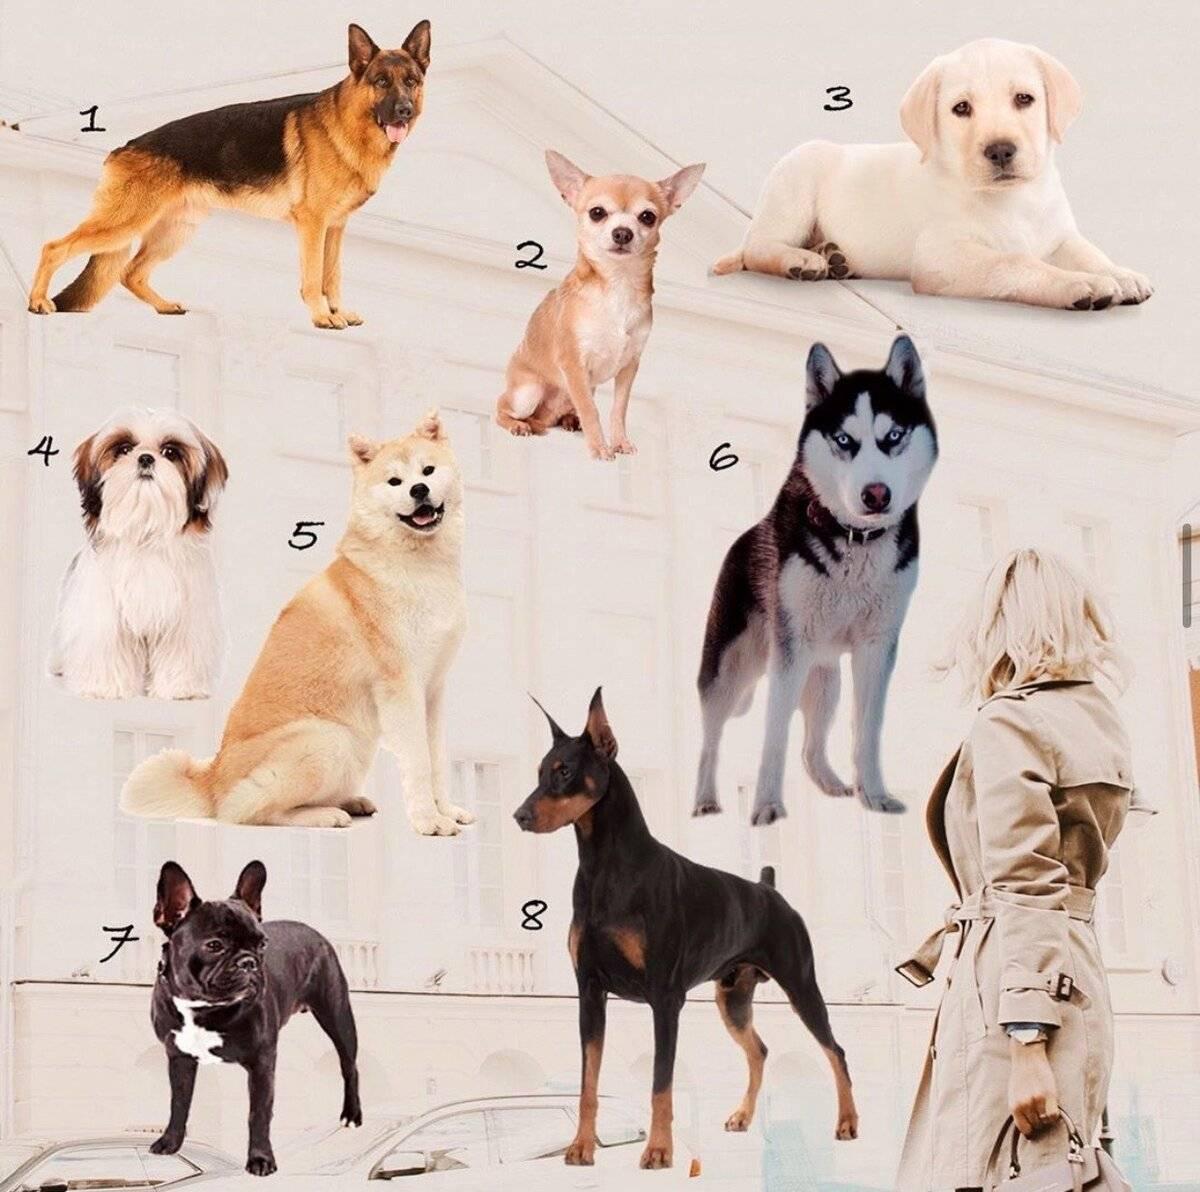 Породы собак для квартиры (66 фото): какую лучше завести? как выбрать спокойную домашнюю собаку? правила содержания квартирных собак